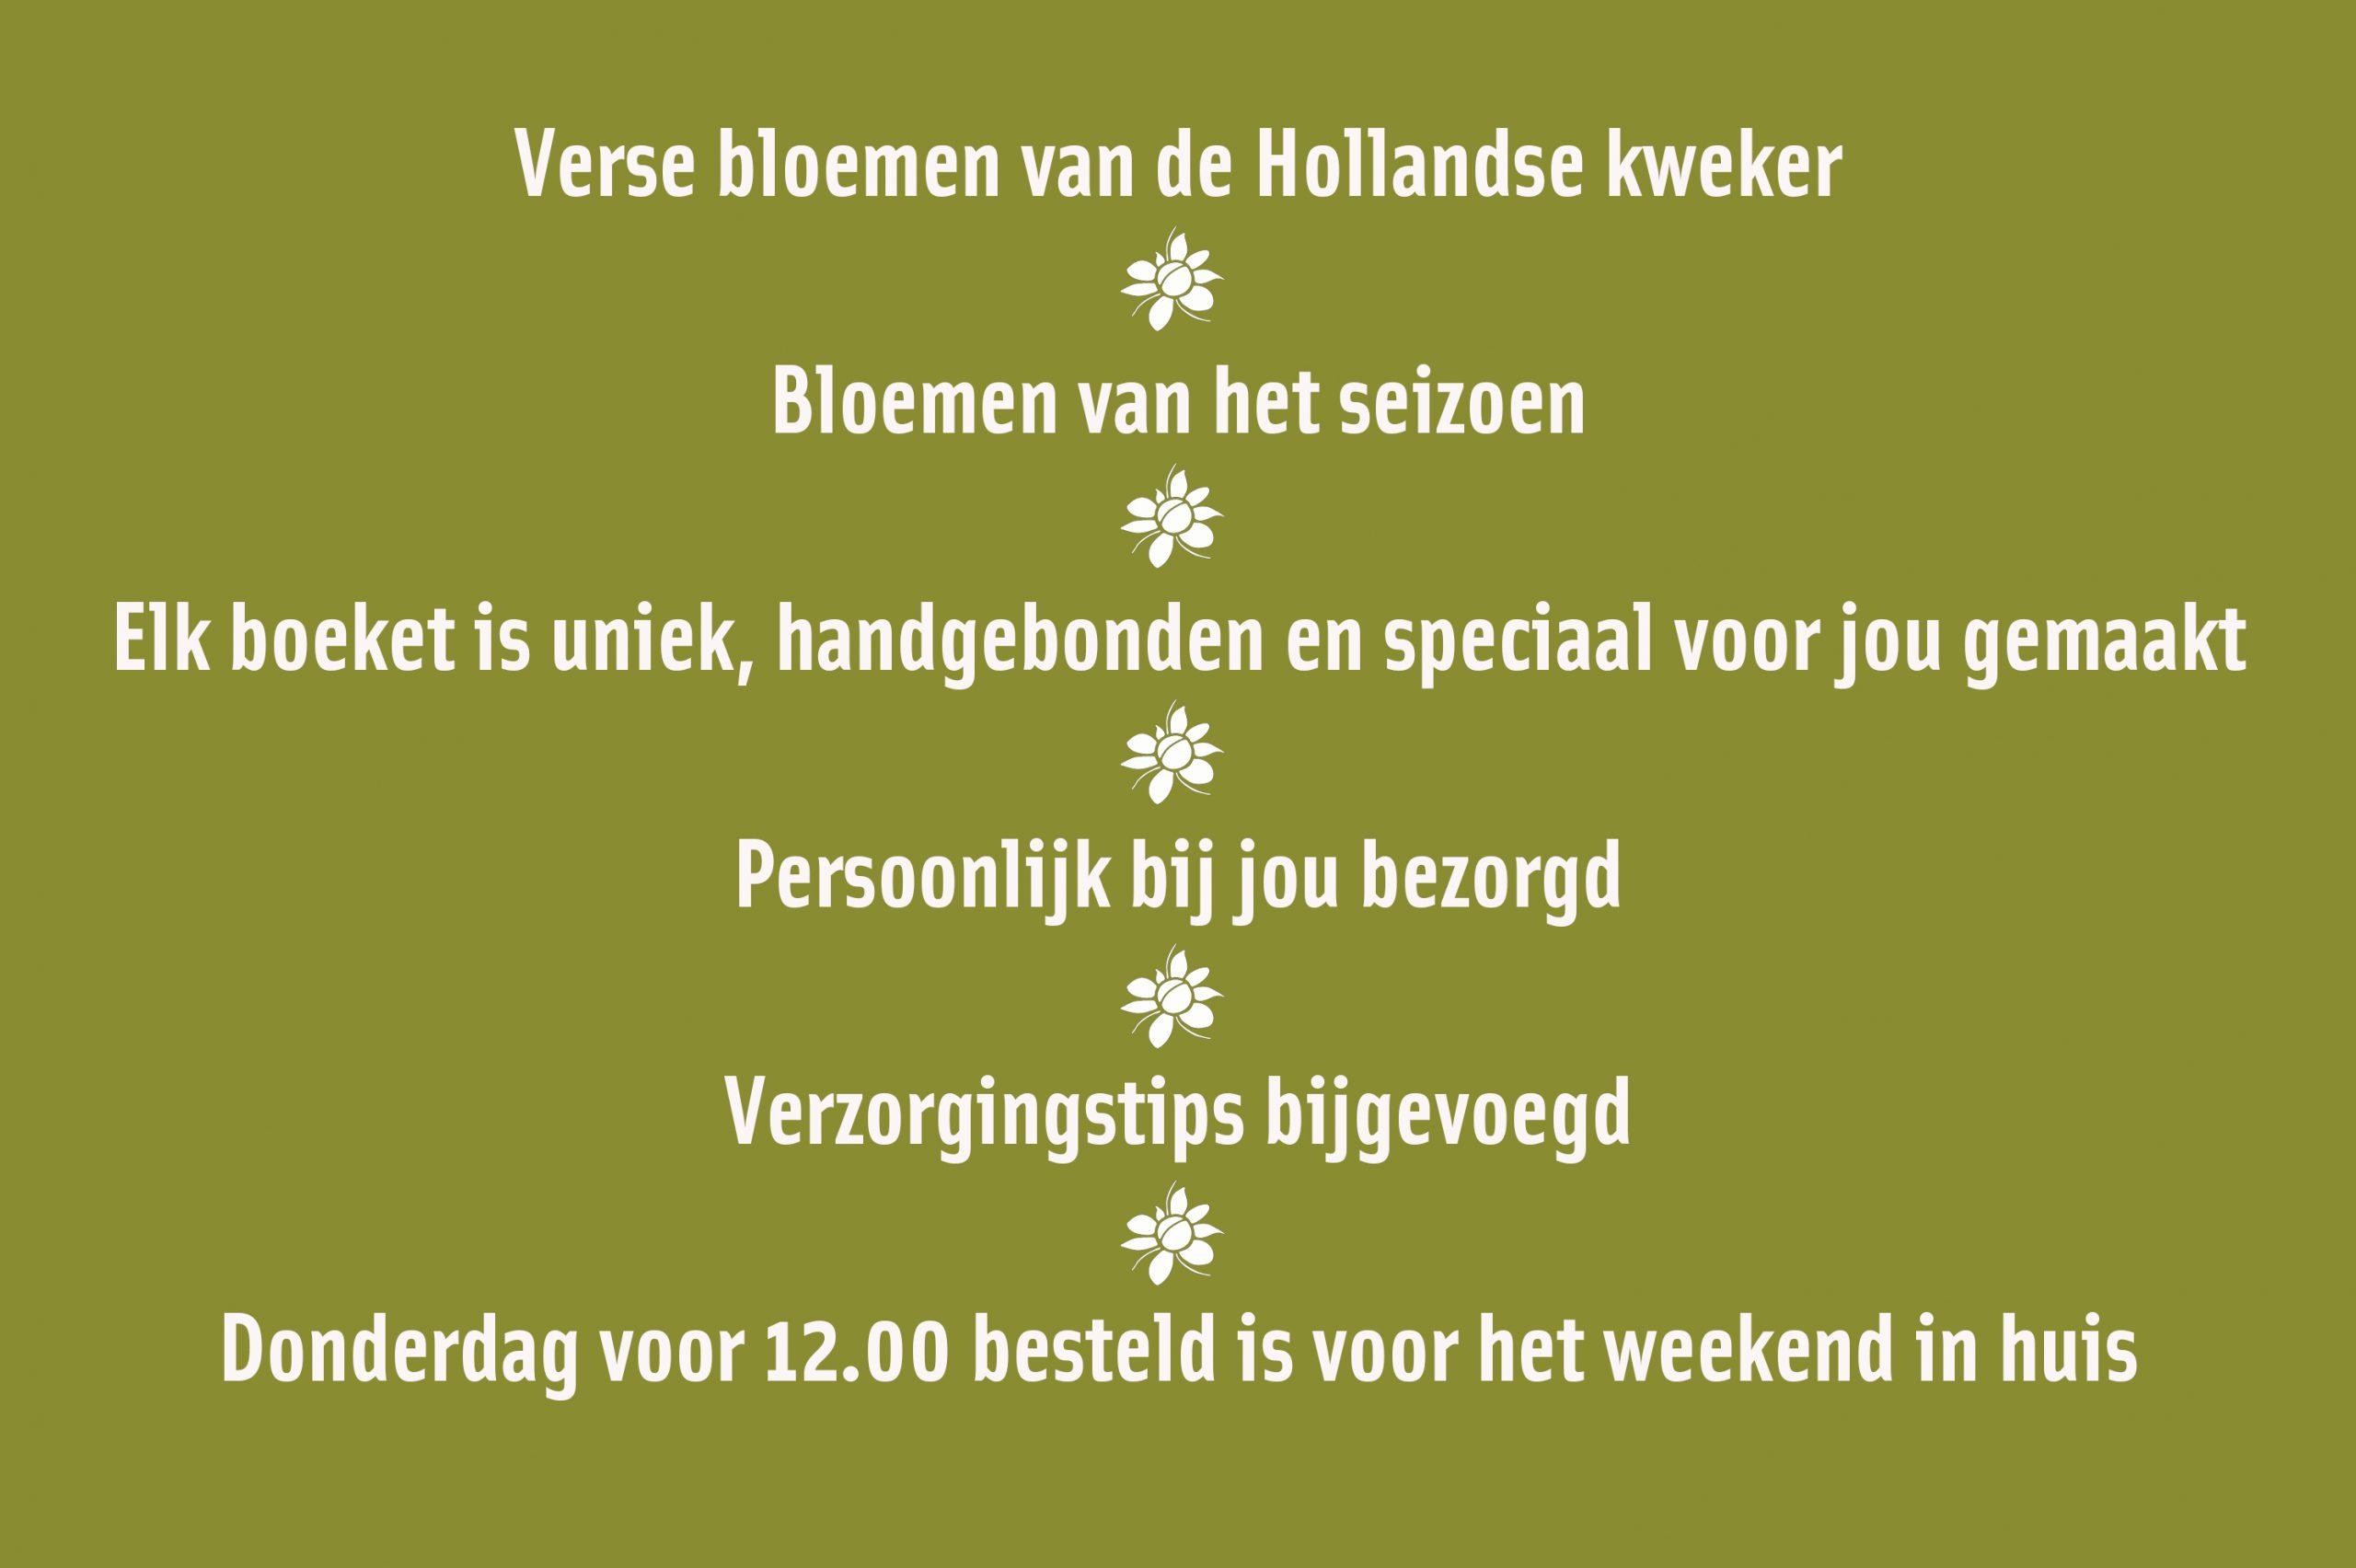 Verse bloemen uit Delft online bestellen